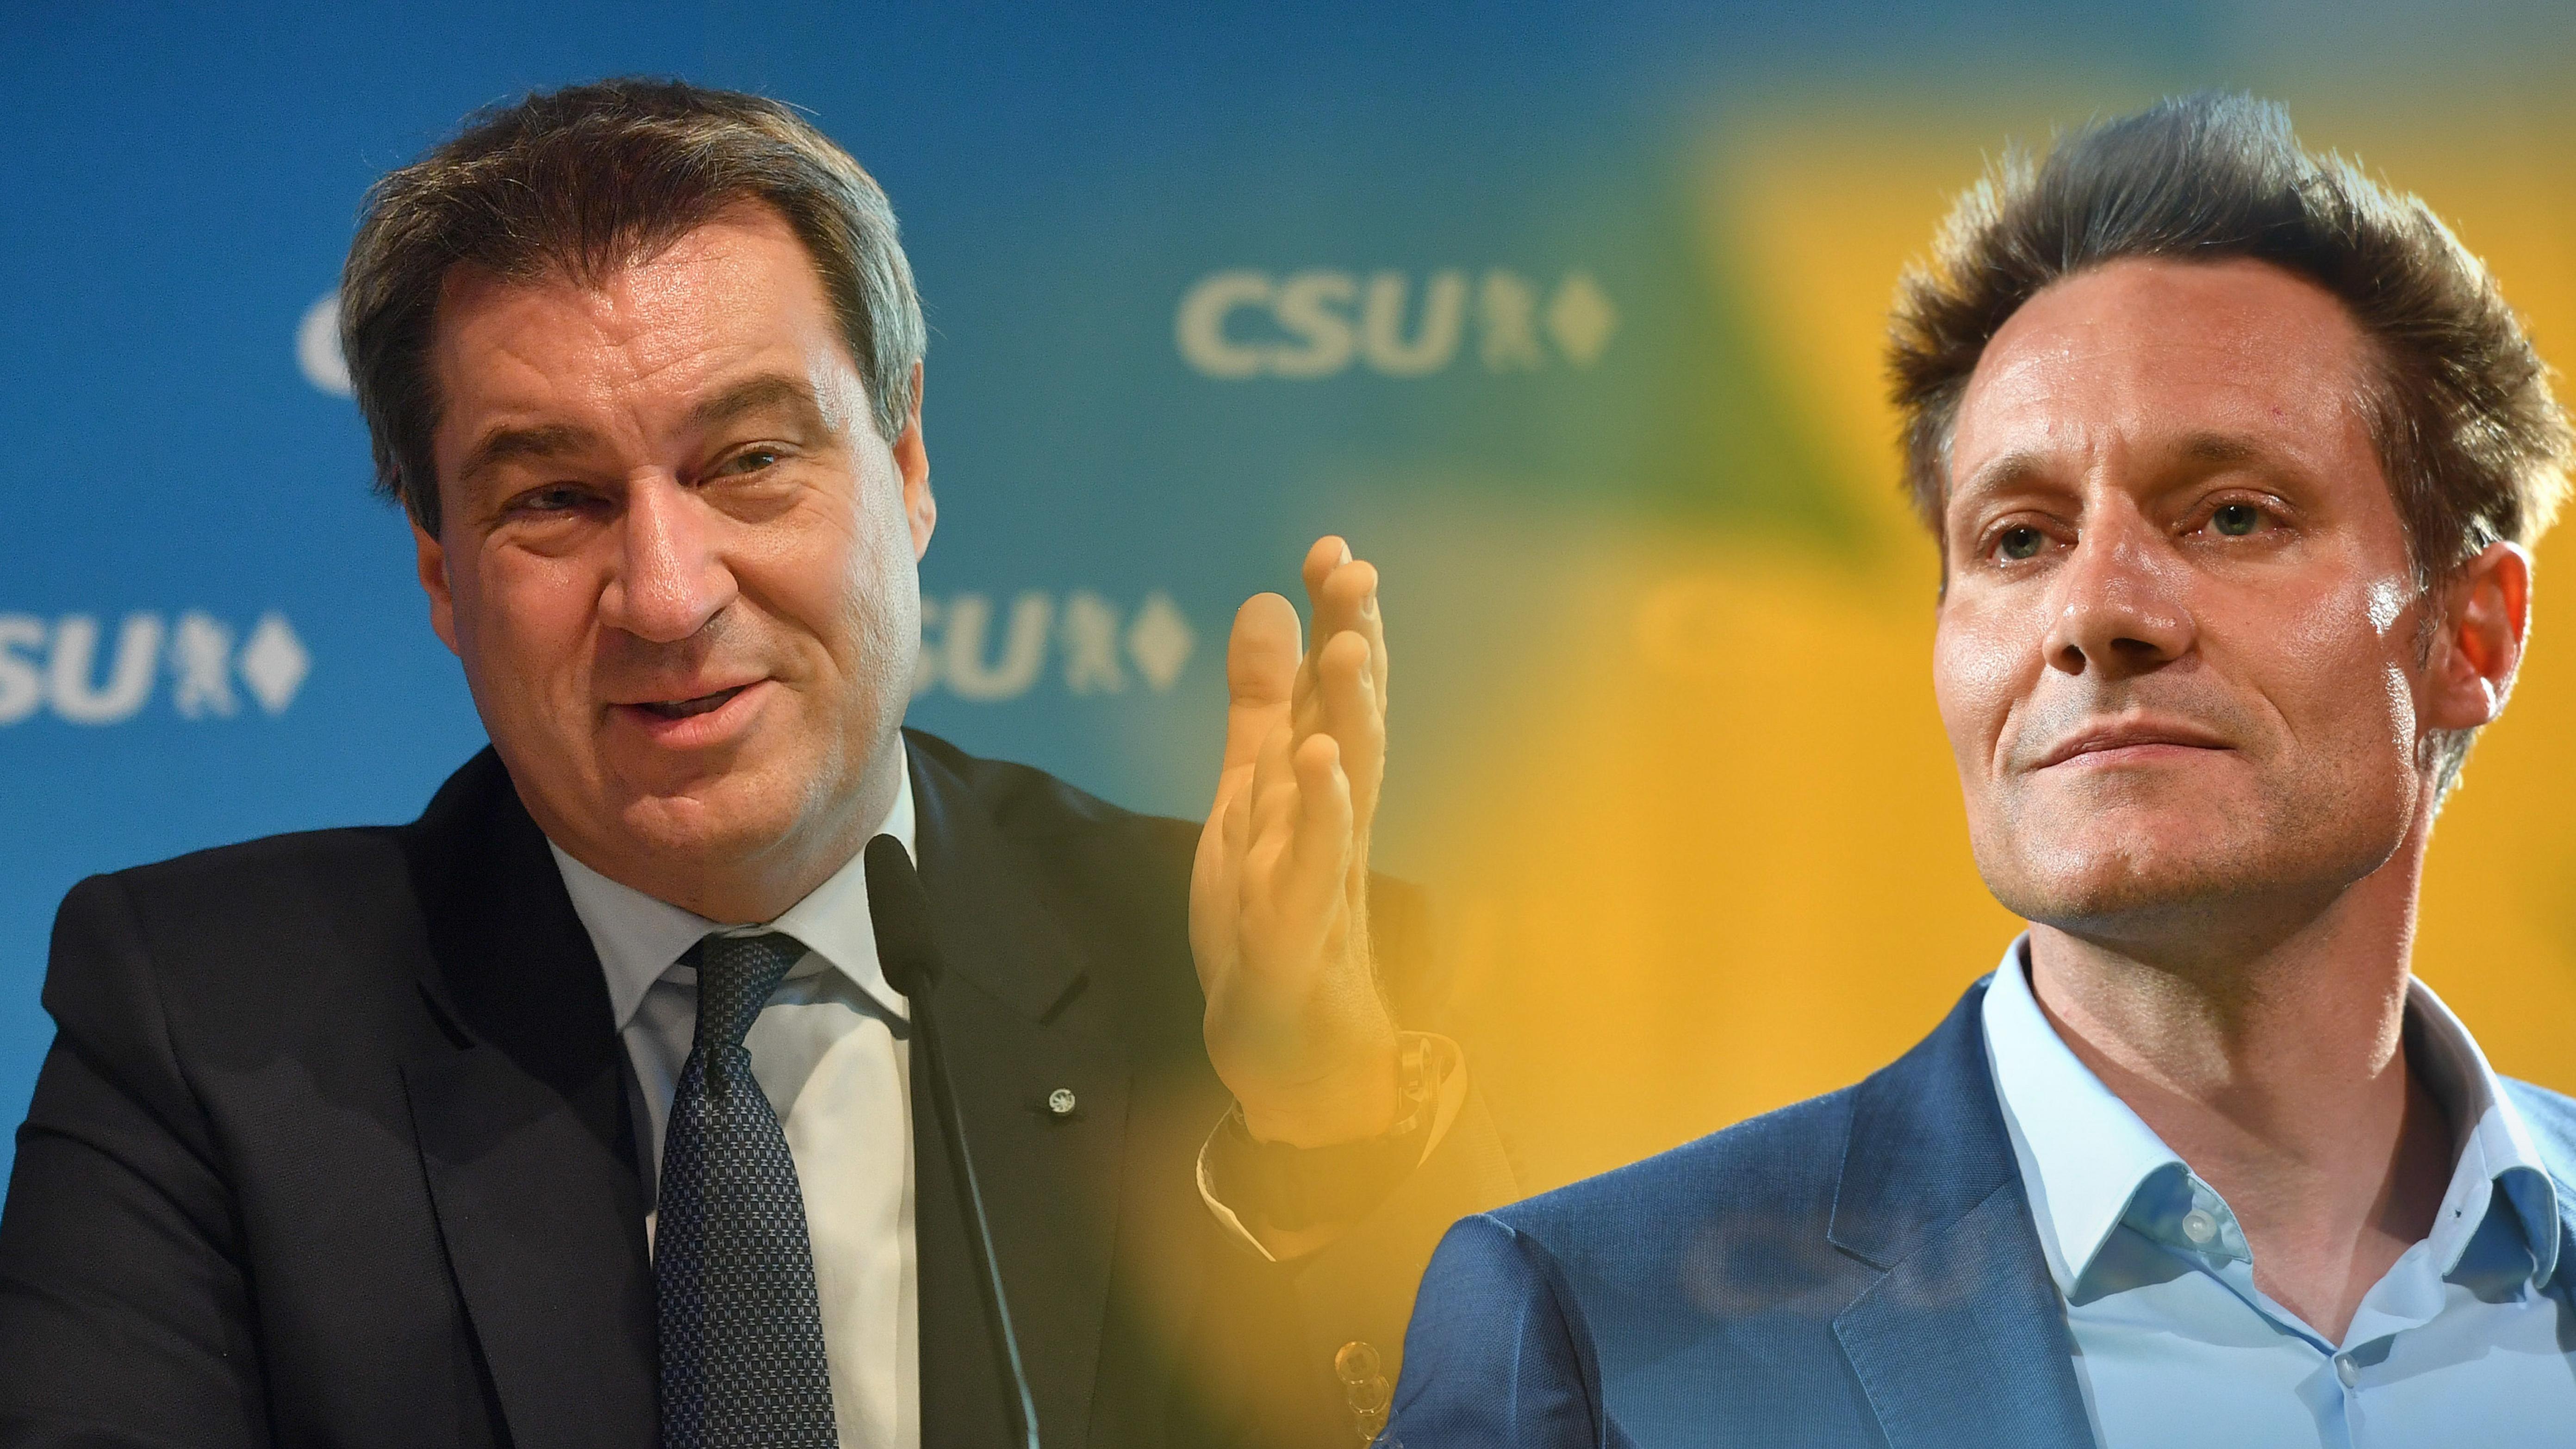 Montage: Ministerpräsident Markus Söder und Grünen-Spitzenkandidat Ludwig Hartmann